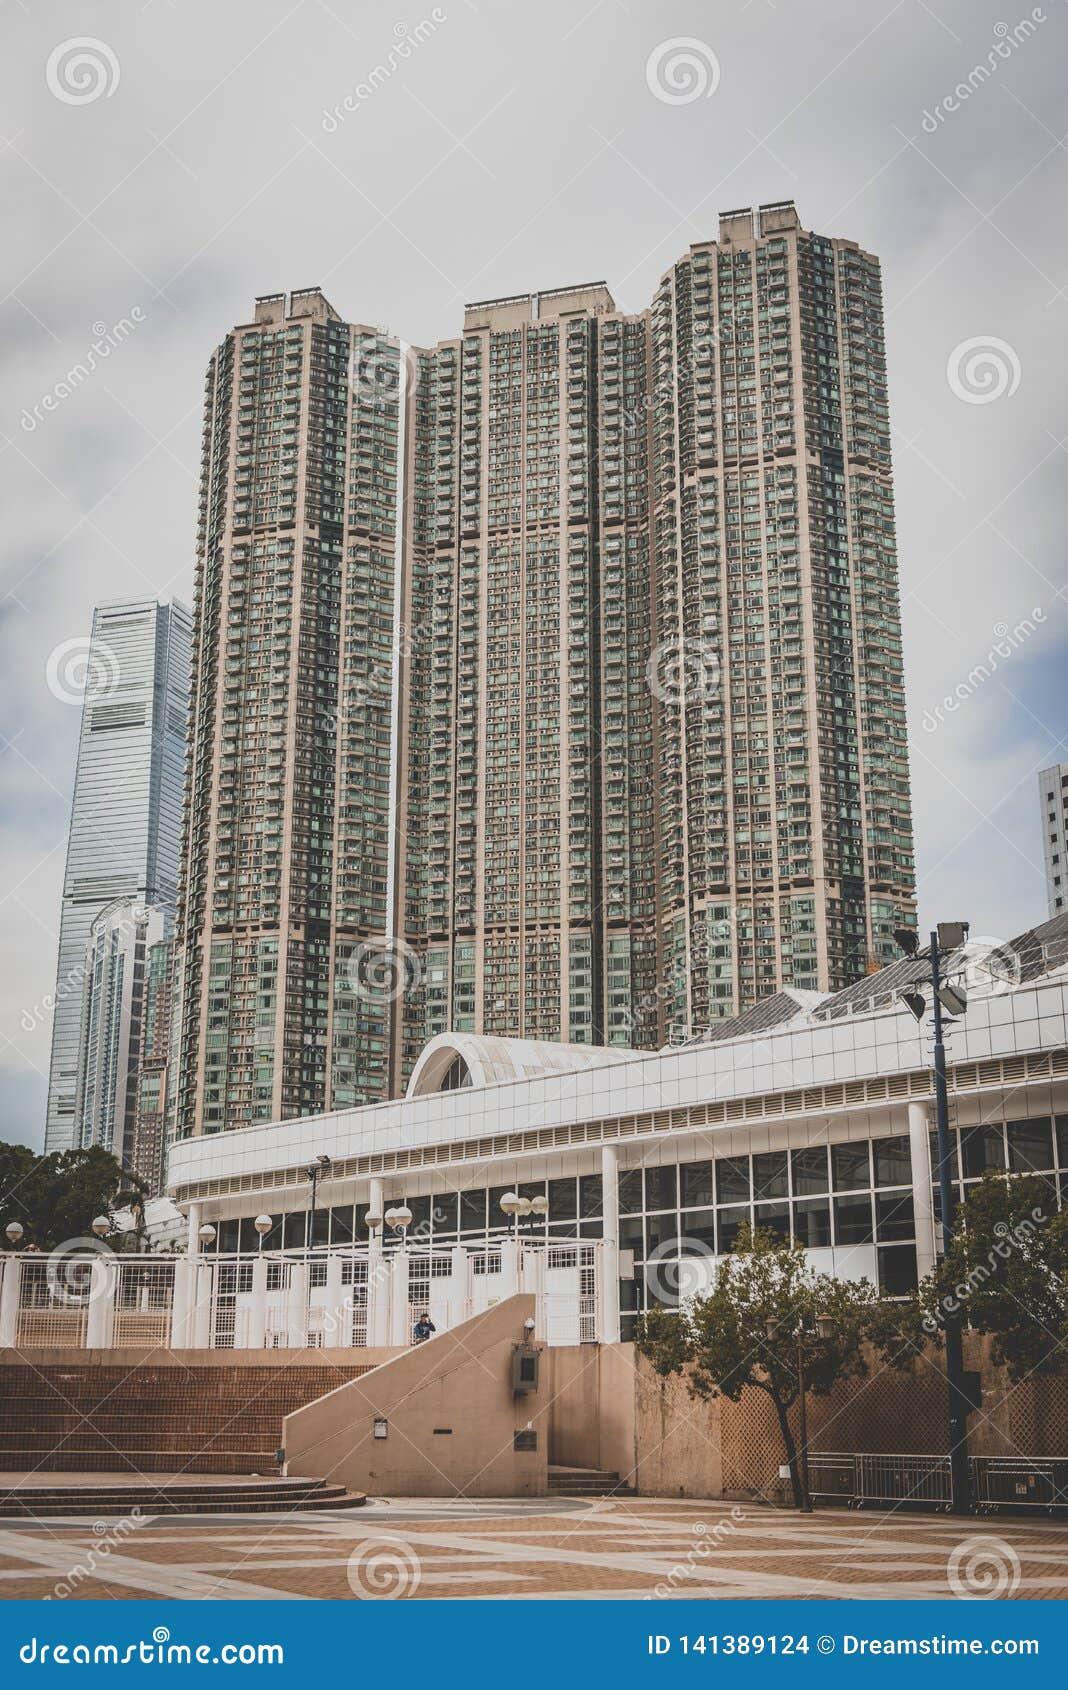 Hong Kong, November 2018 - beautiful city